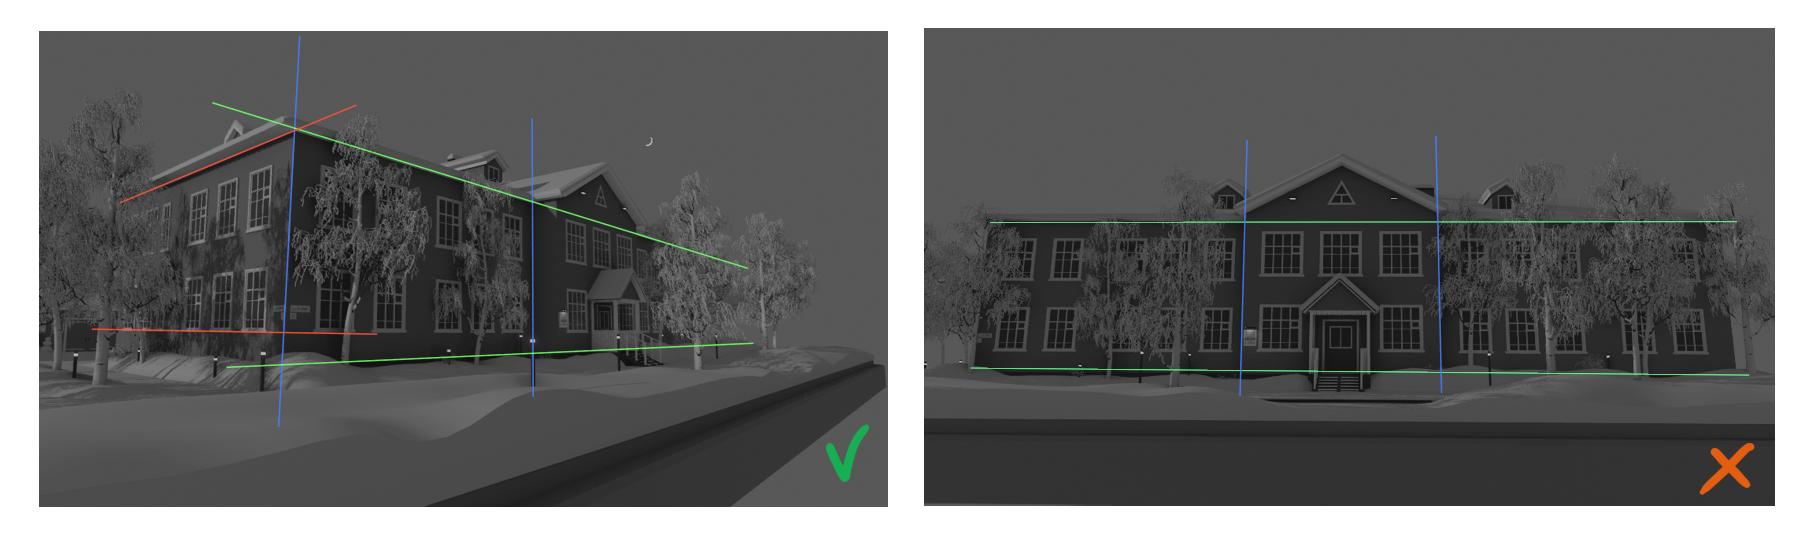 Методика реконструкции утраченных зданий по фотографиям - 6